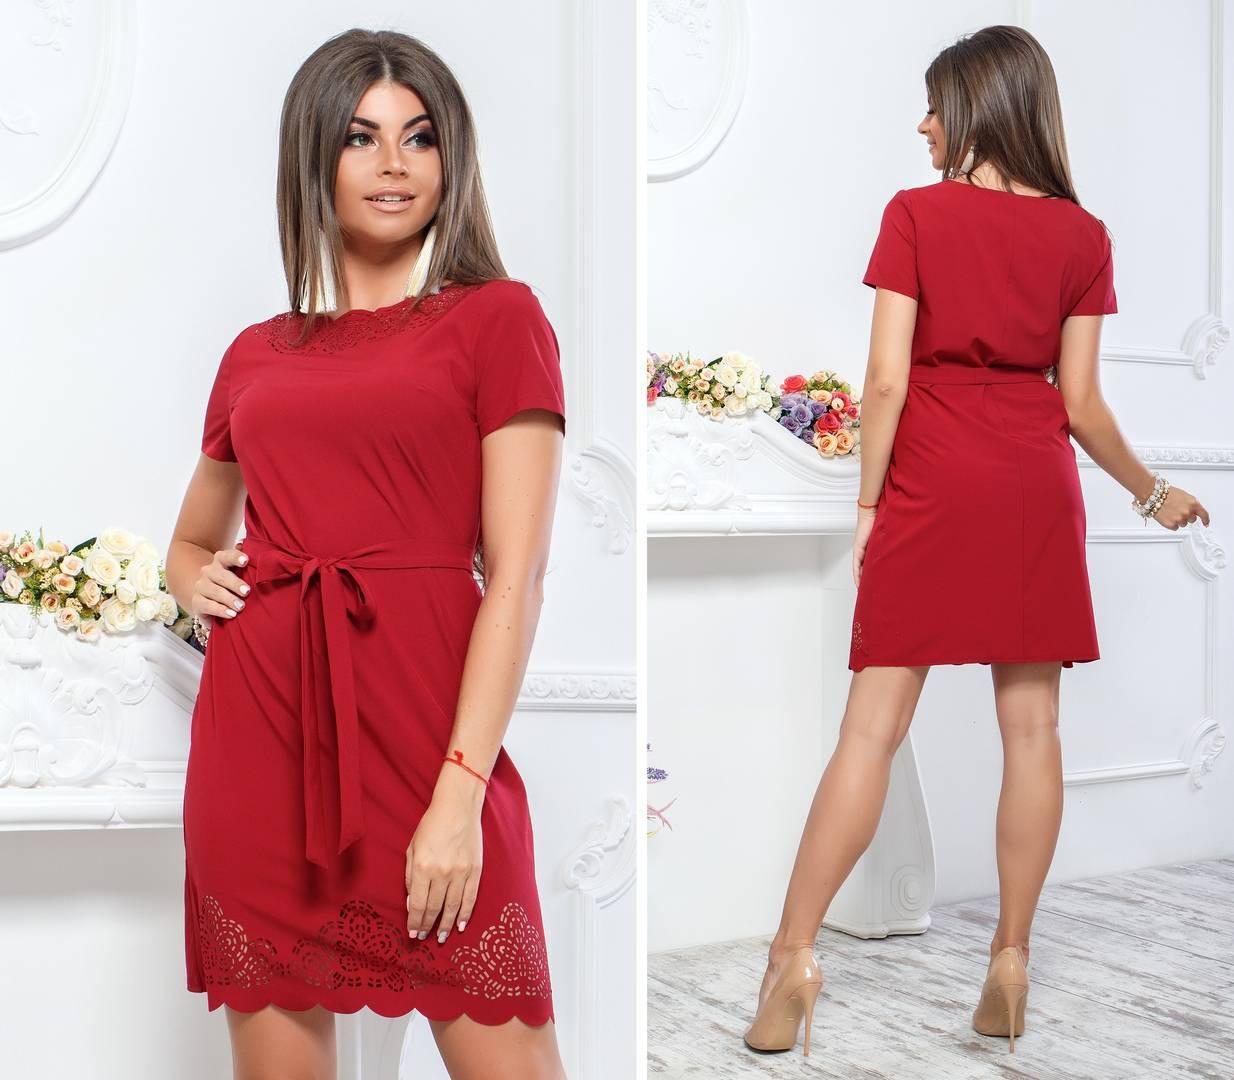 Платье с выбитым рисунком ( арт. 109 ), ткань супер софт, цвет бордо